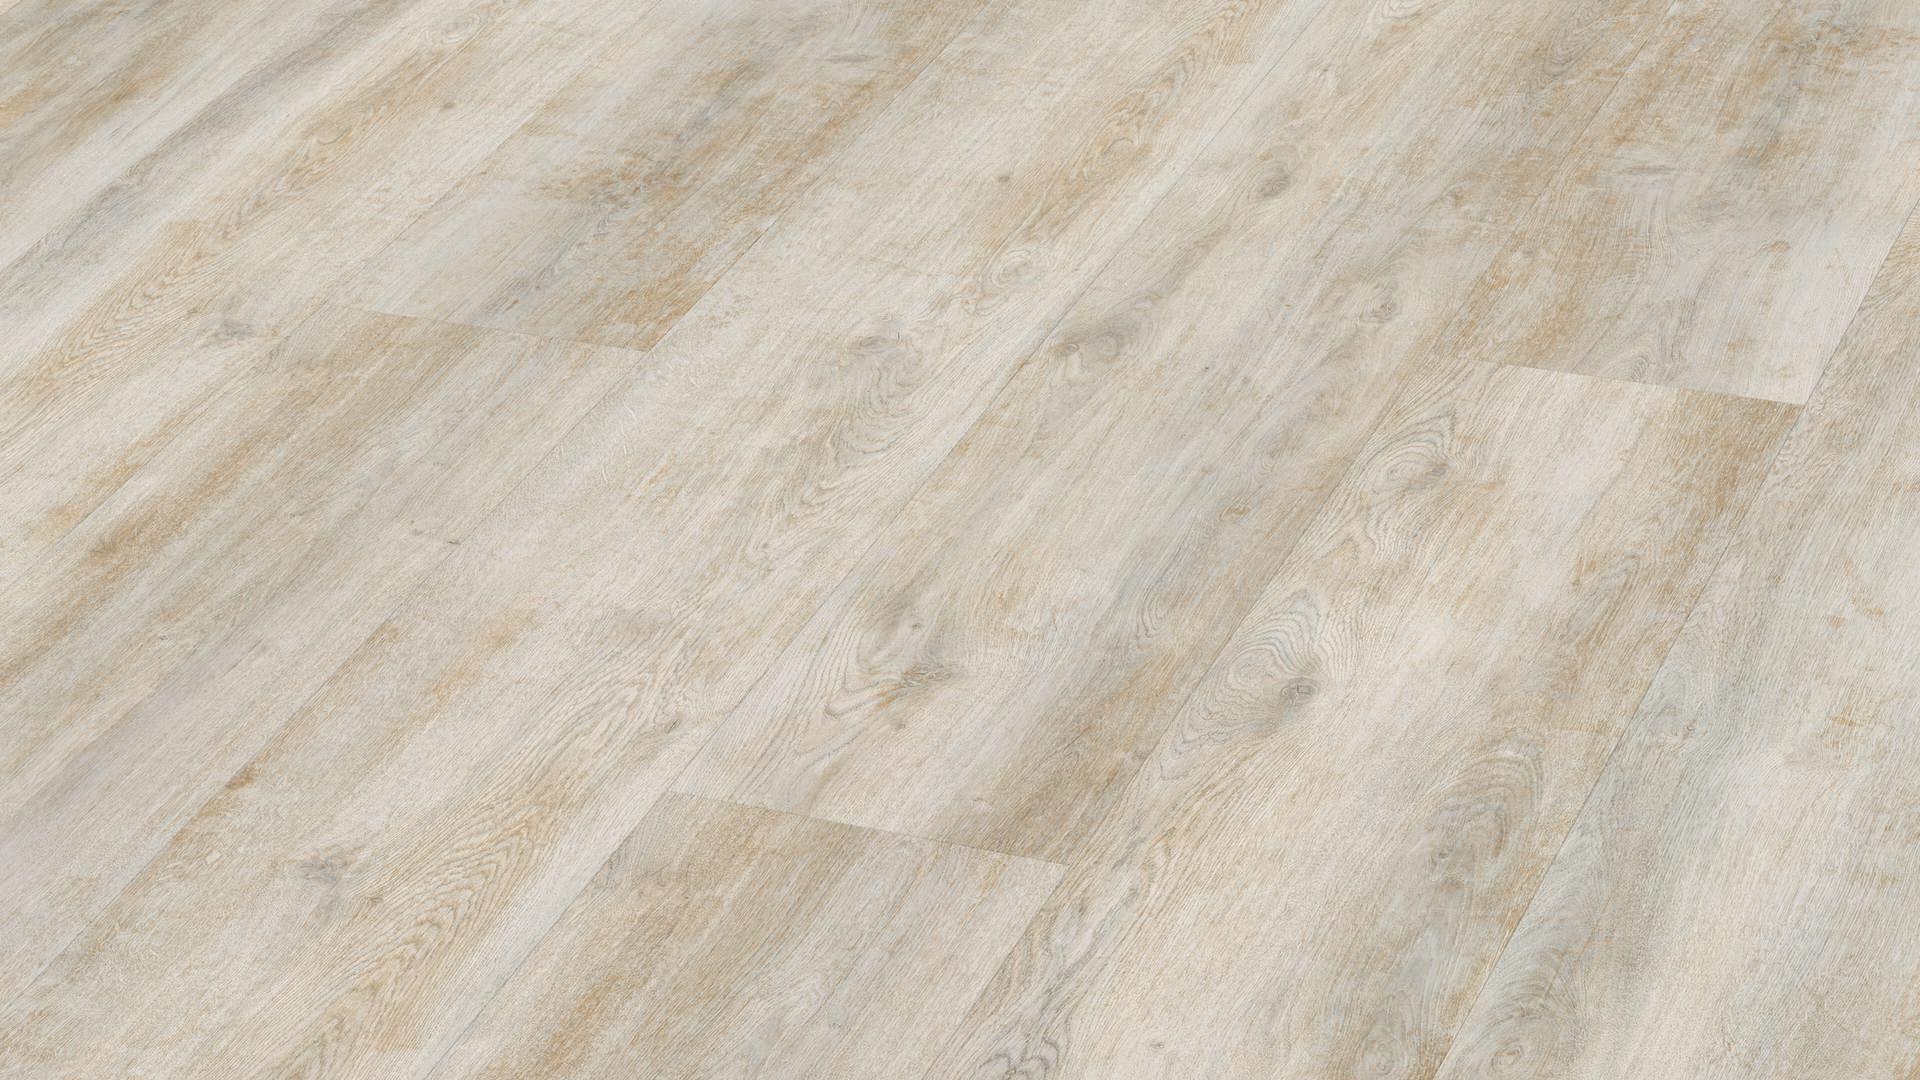 Designboden MeisterDesign. comfort DL 600 S Eiche Nordland 6839